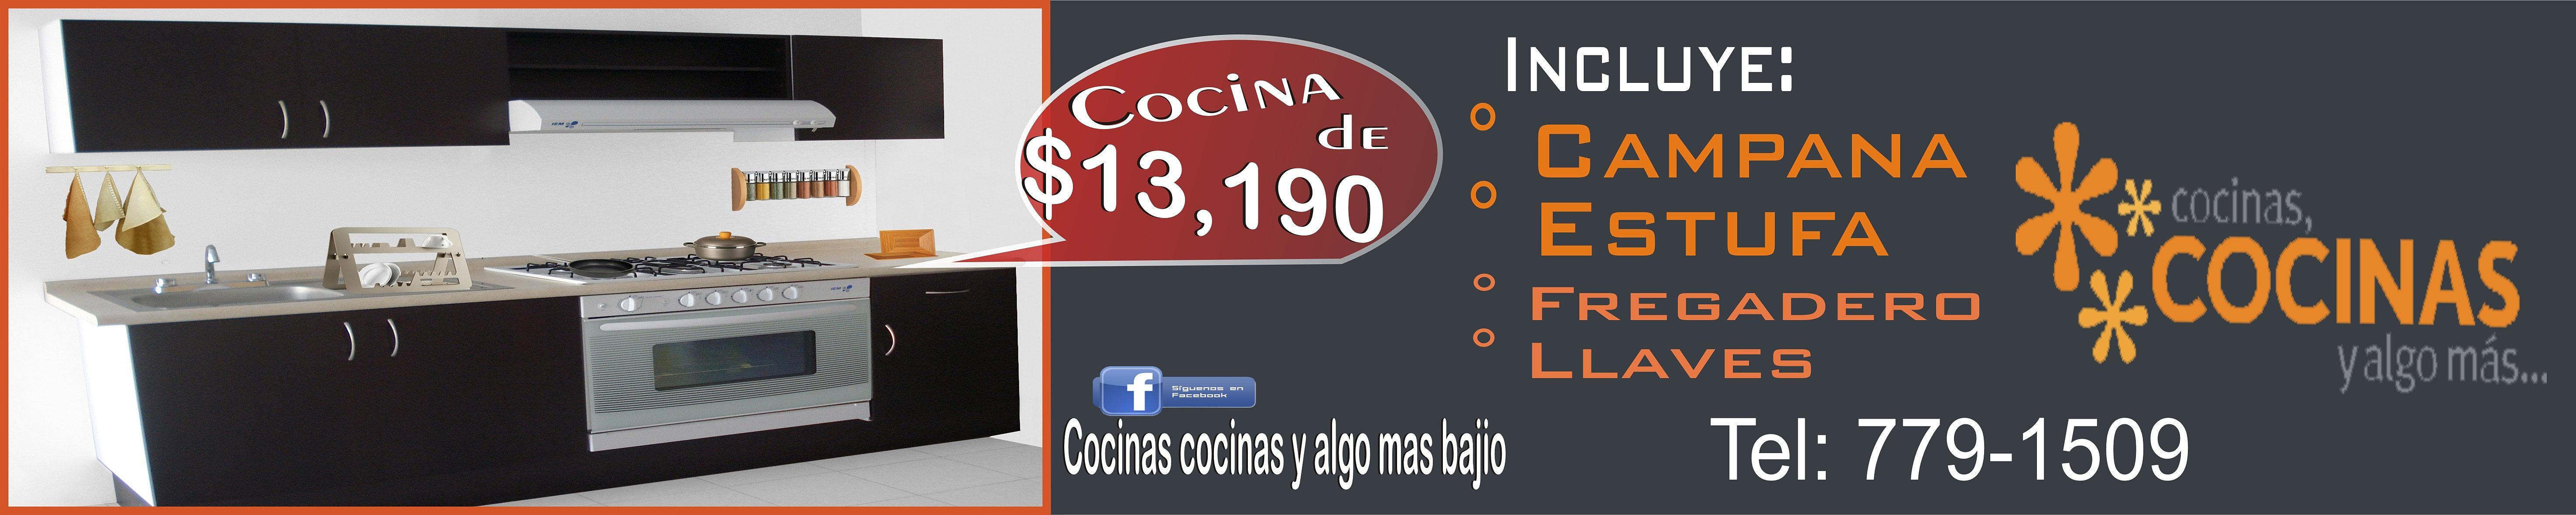 Imagen digital lona promo cocinas cocinas y algo mas leon for Cocinas cocinas y algo mas